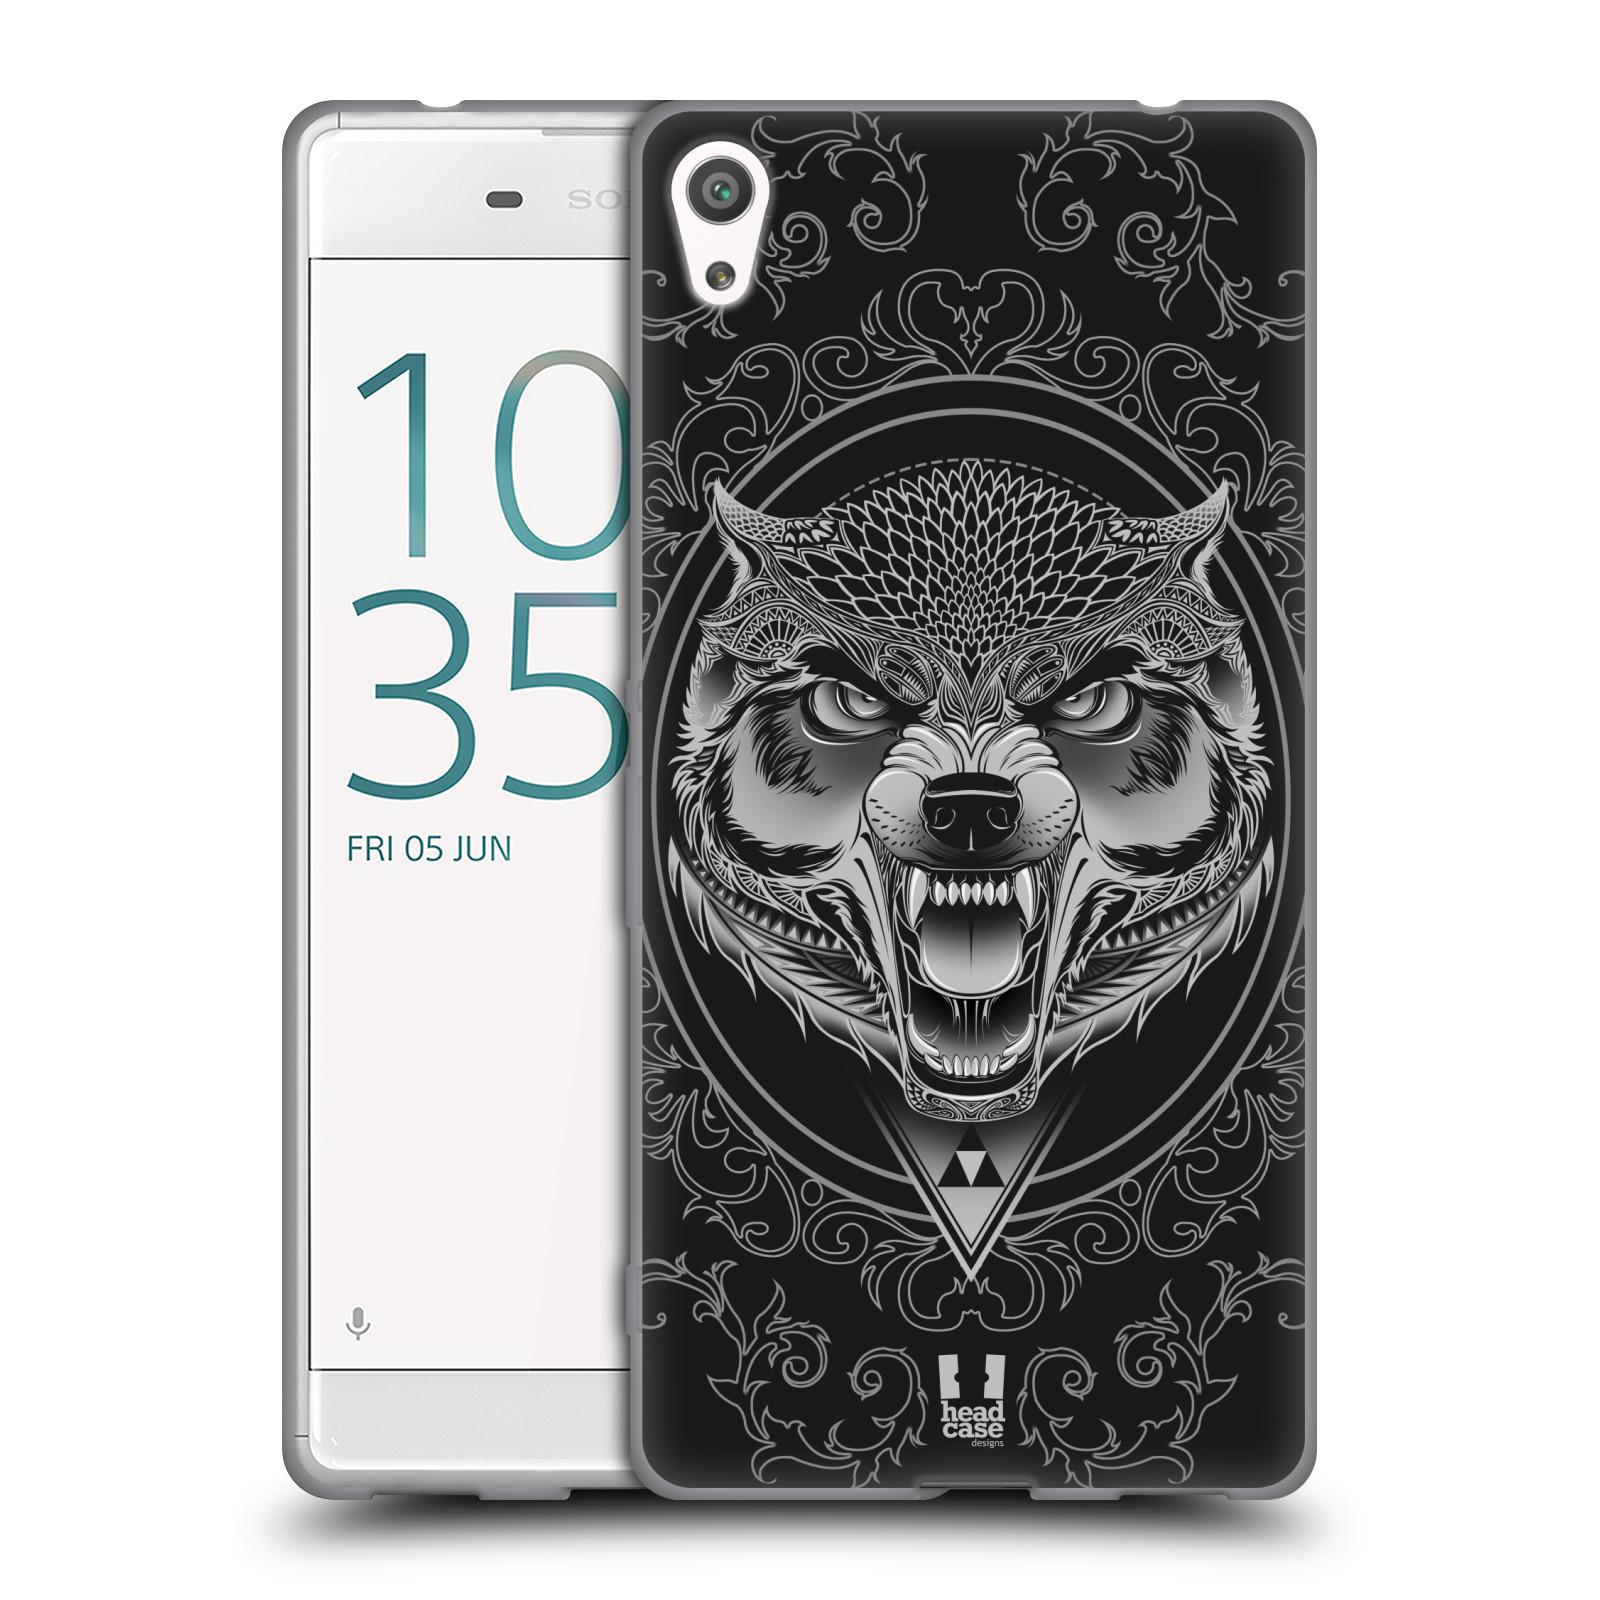 Silikonové pouzdro na mobil Sony Xperia XA Ultra - Head Case - Krutý vlk